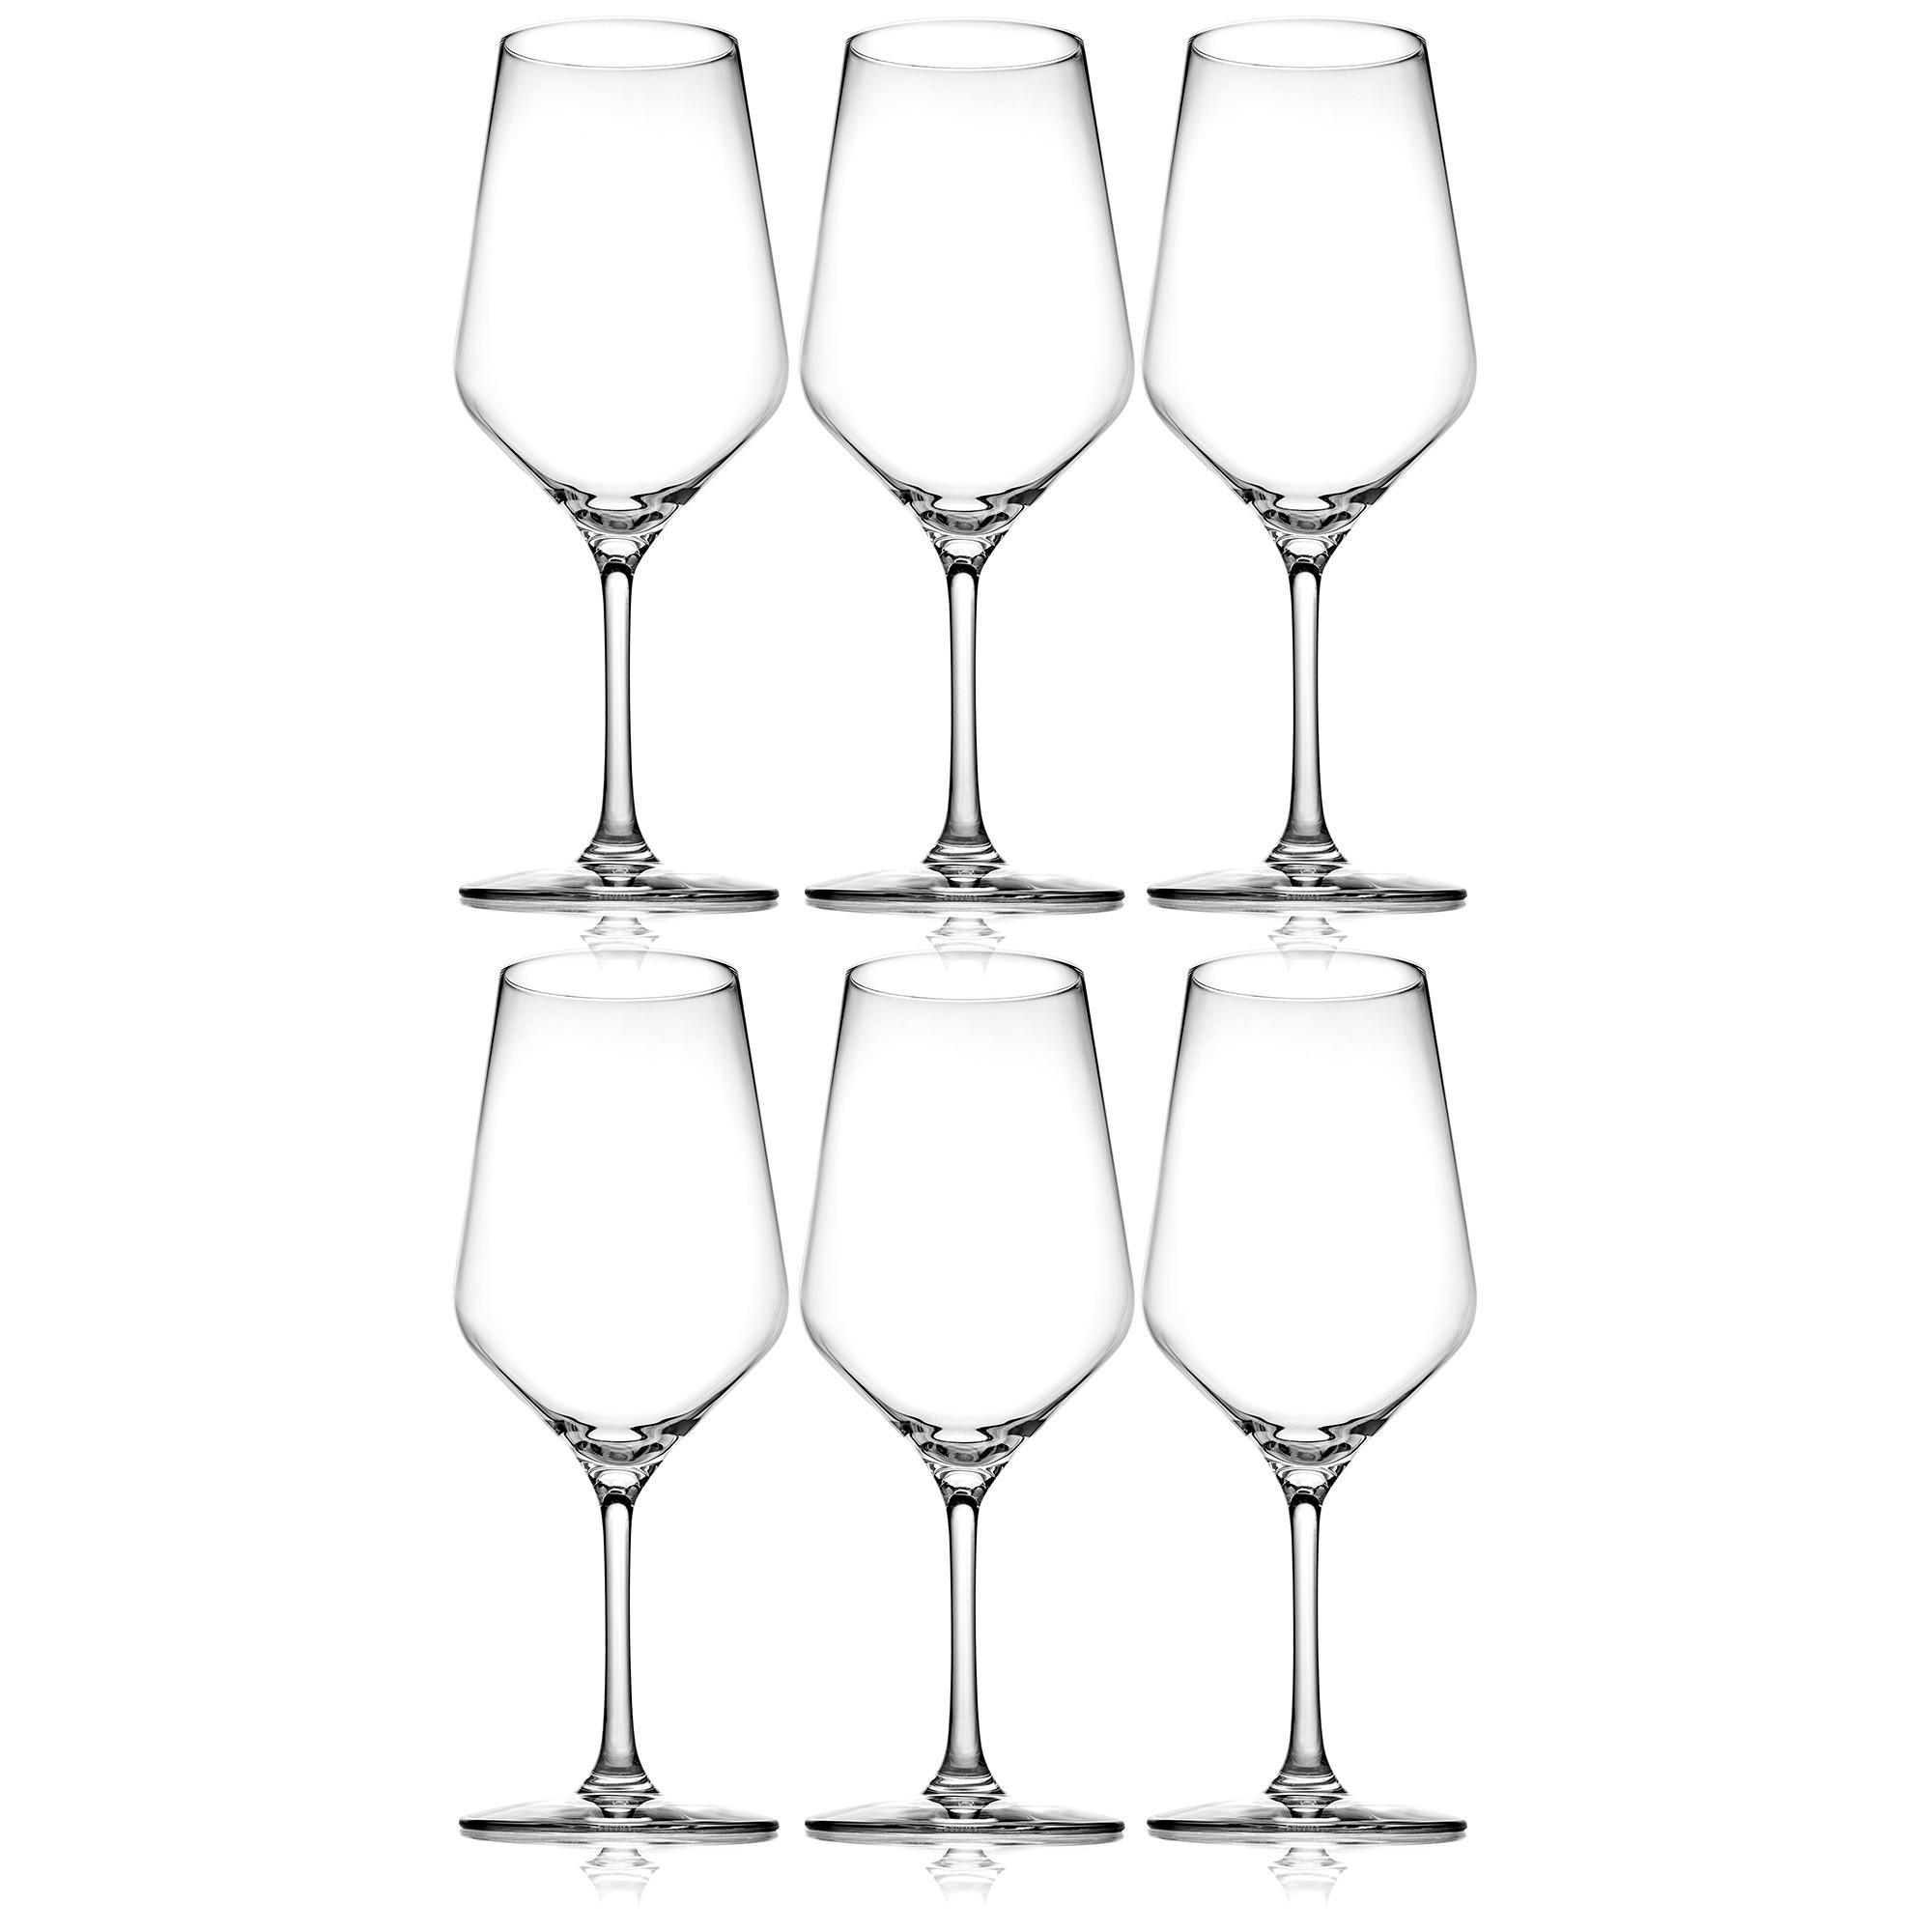 IVV Tasting Hour White Wine Glass, Set of 6